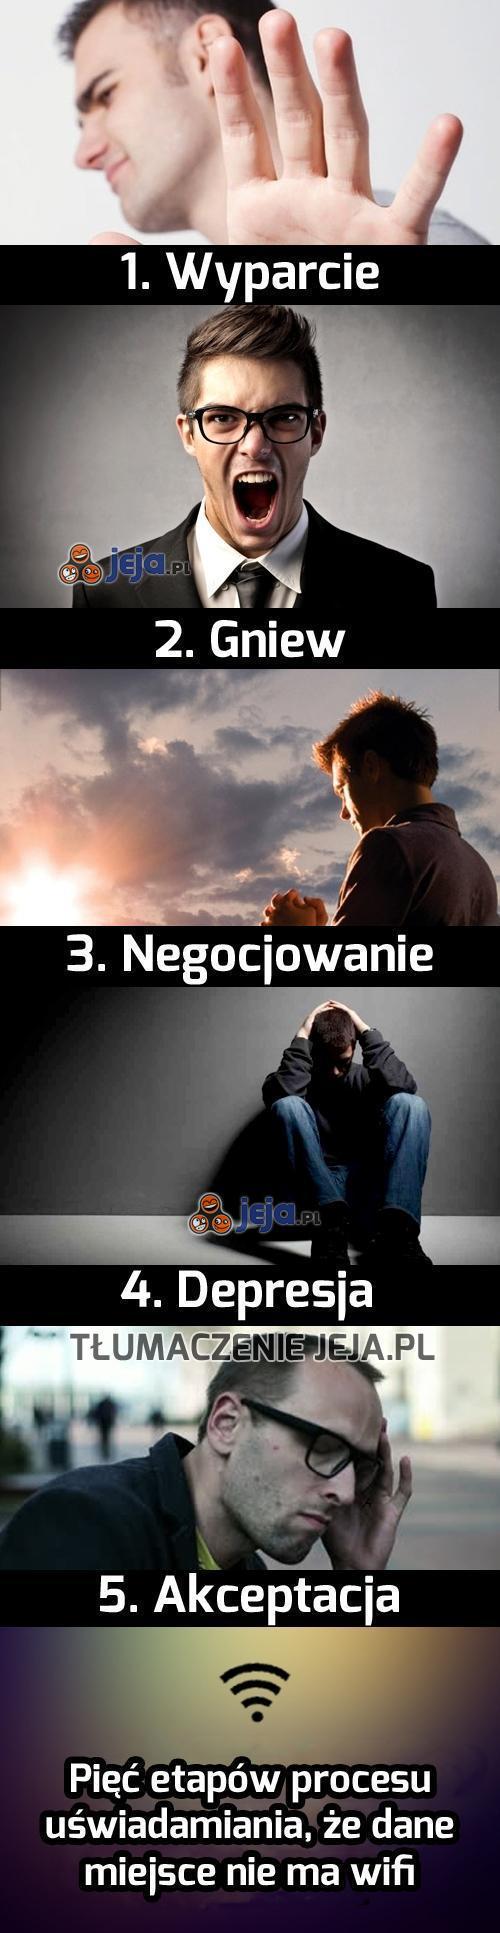 5 etapów uświadamiania